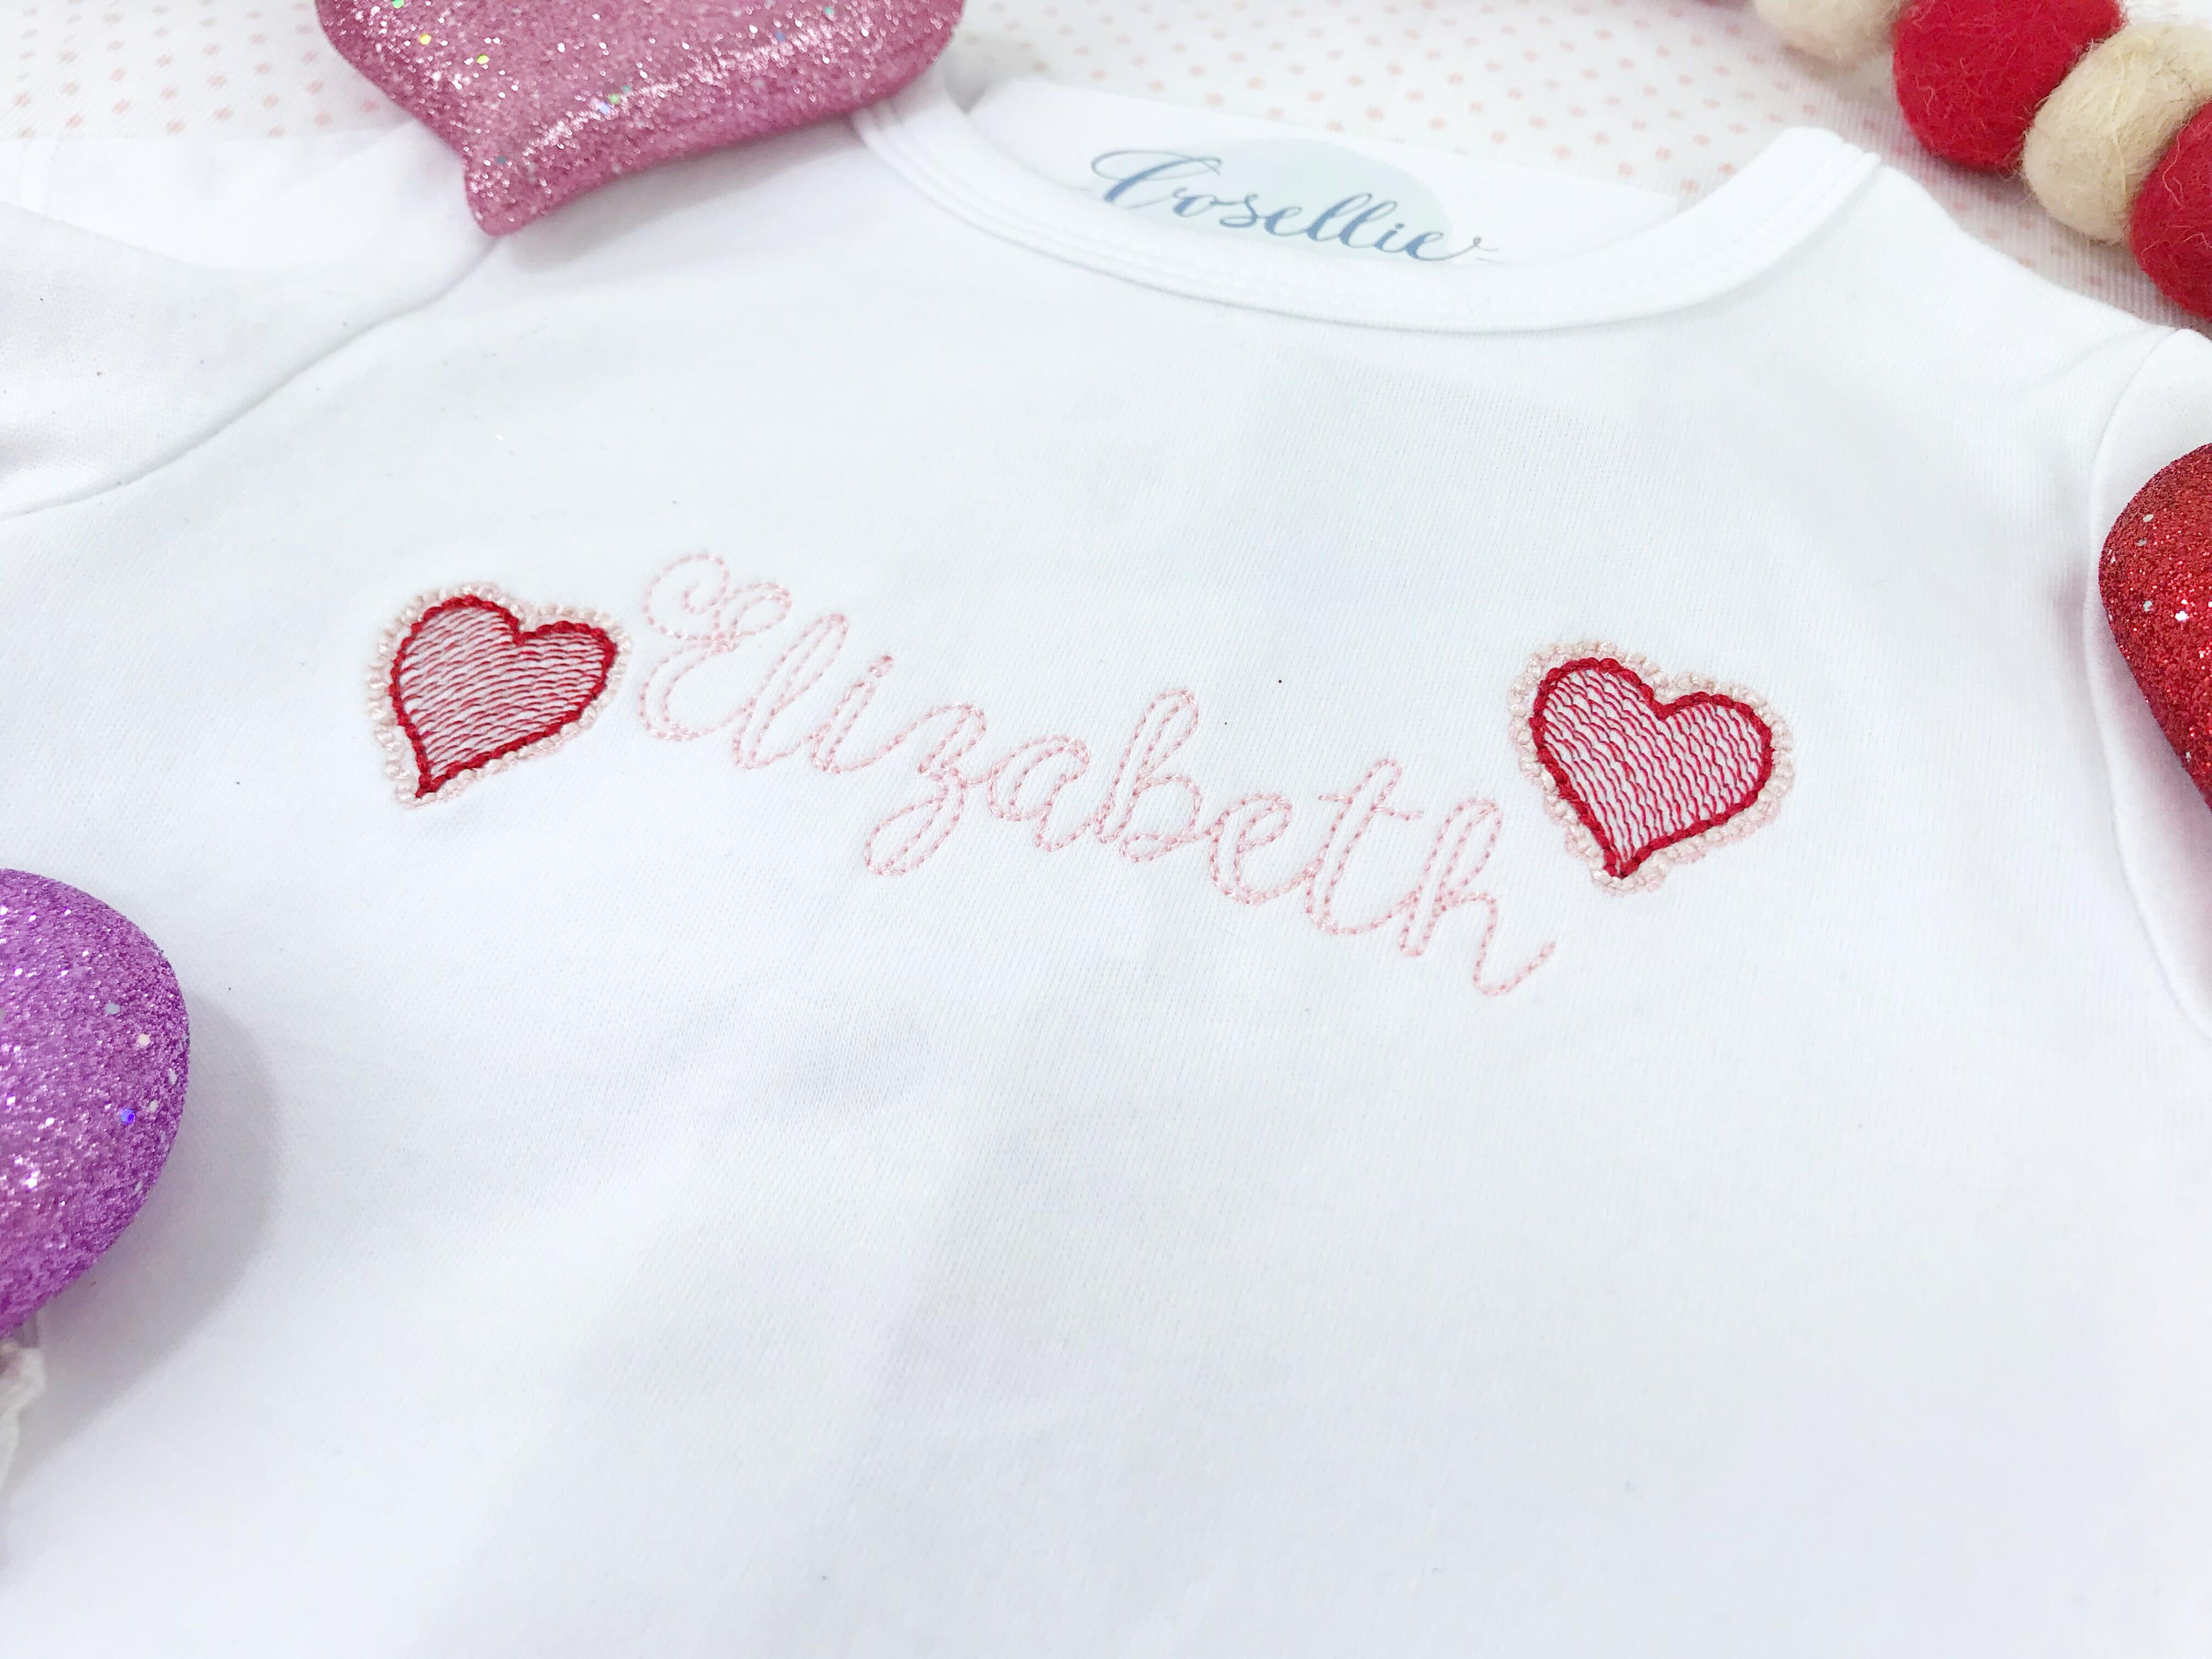 Mini scallop heart embroidery design embroidery design cosellie